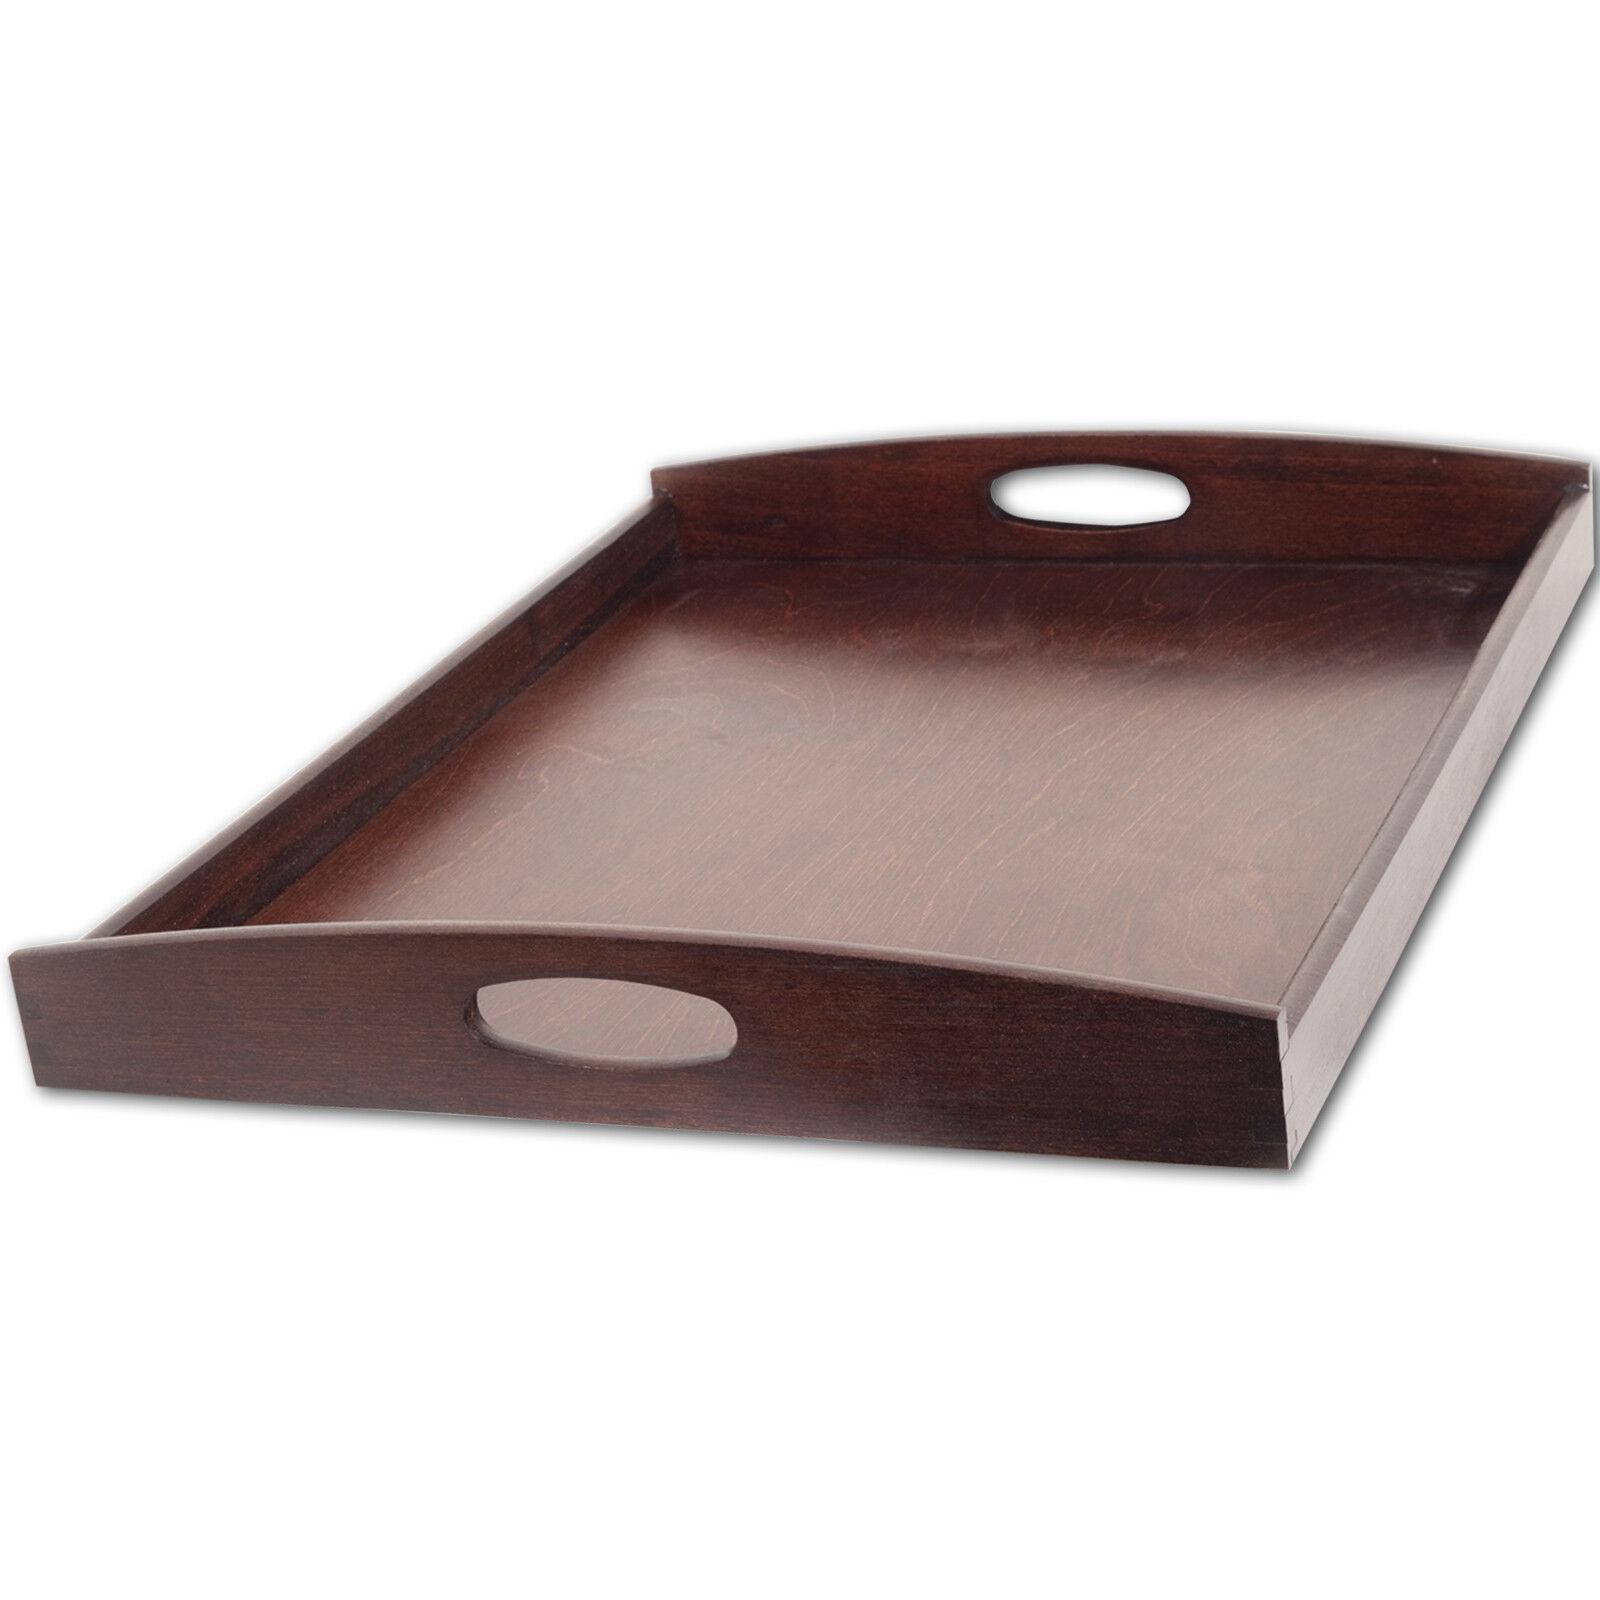 Tablett Serviertablett Küchentablett Buche 50 x 40 x 6 cm dunkel - ab